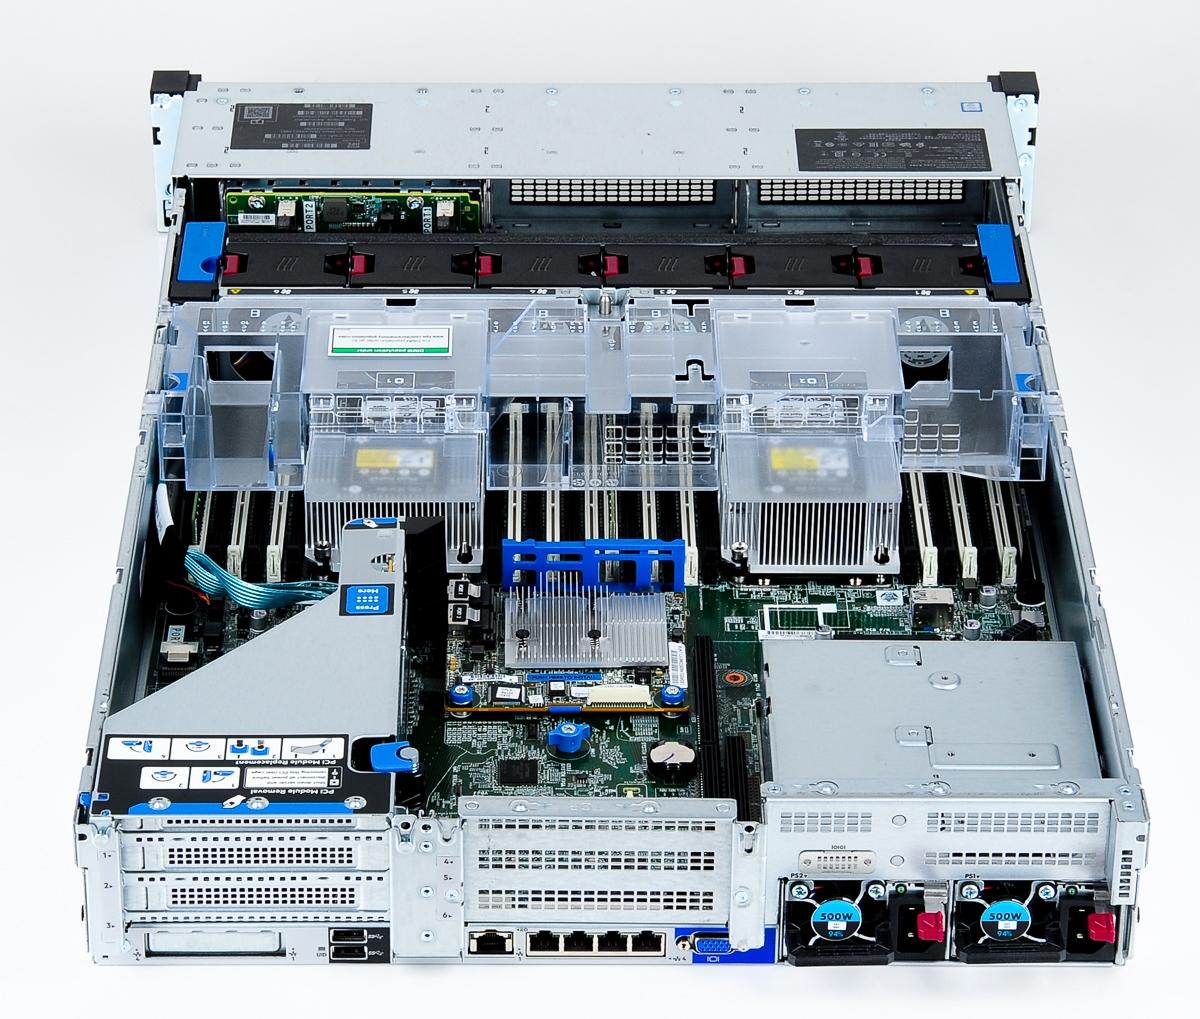 HPE ProLiant DL380 Gen10 Server 2x Xeon Silver 4116 12-Core 2 10 GHz